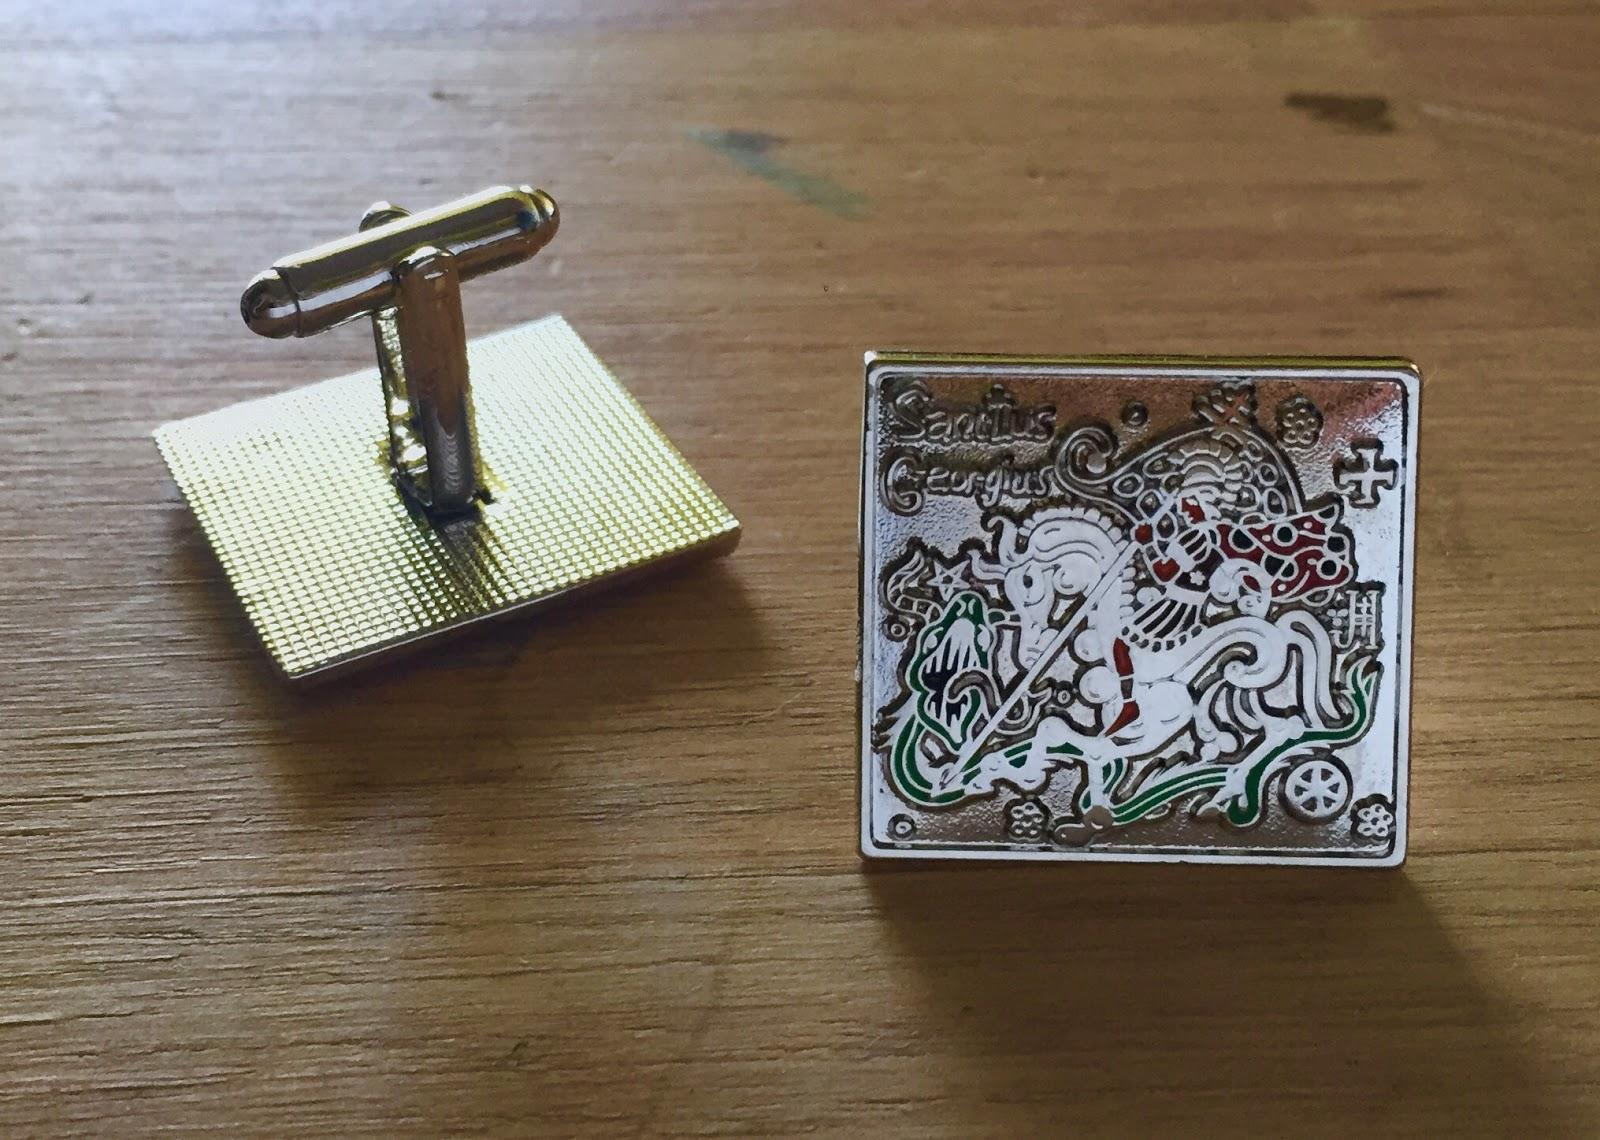 Manžetové knoflíčky se svatým Jiřím a drakem (stříbrná varianta)